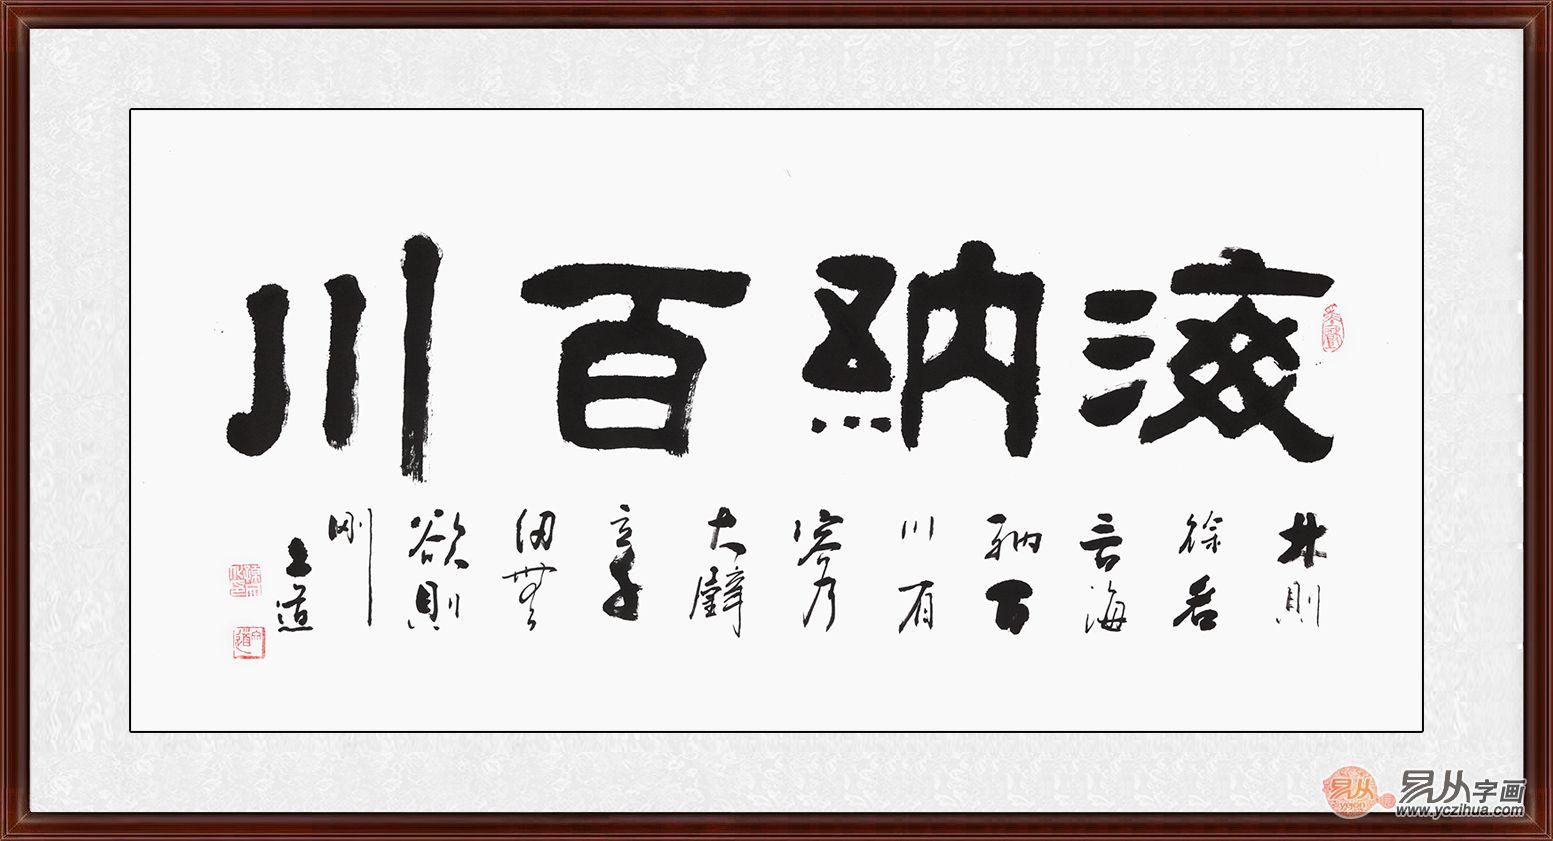 四字书法 孙文化新品隶书《海纳百川》